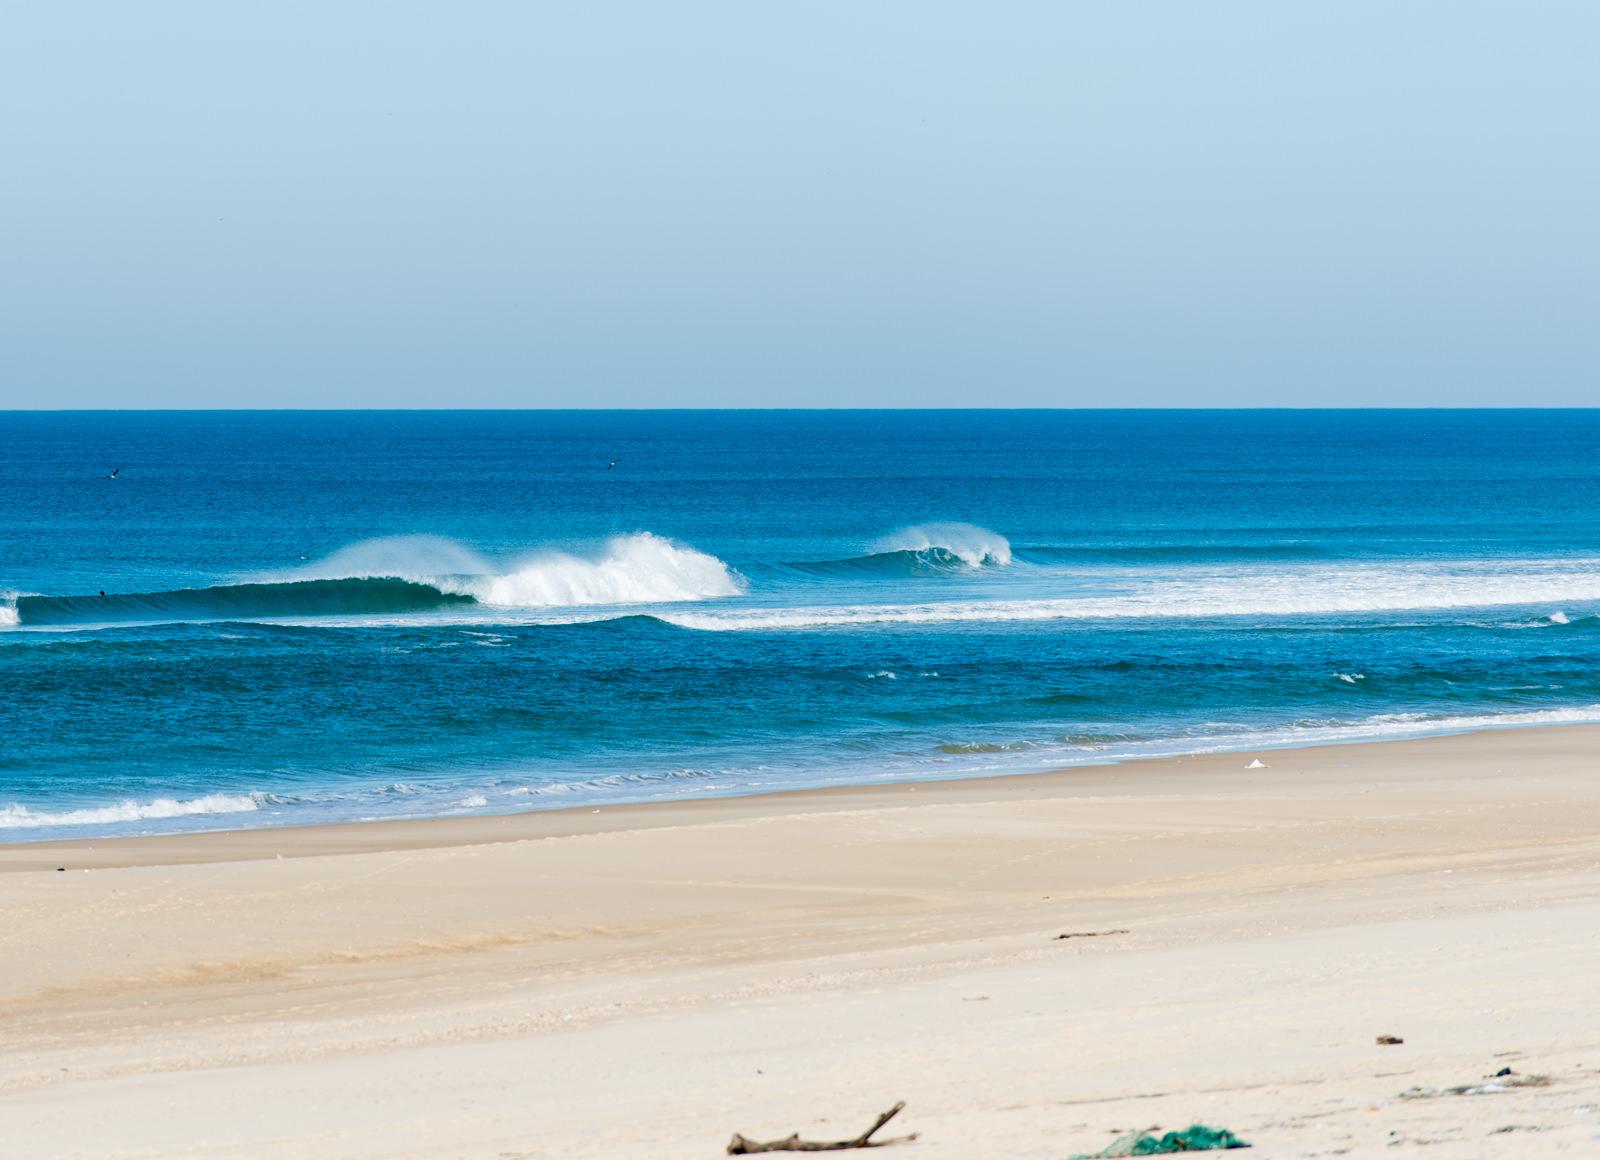 Inspirez, expirez, surfez